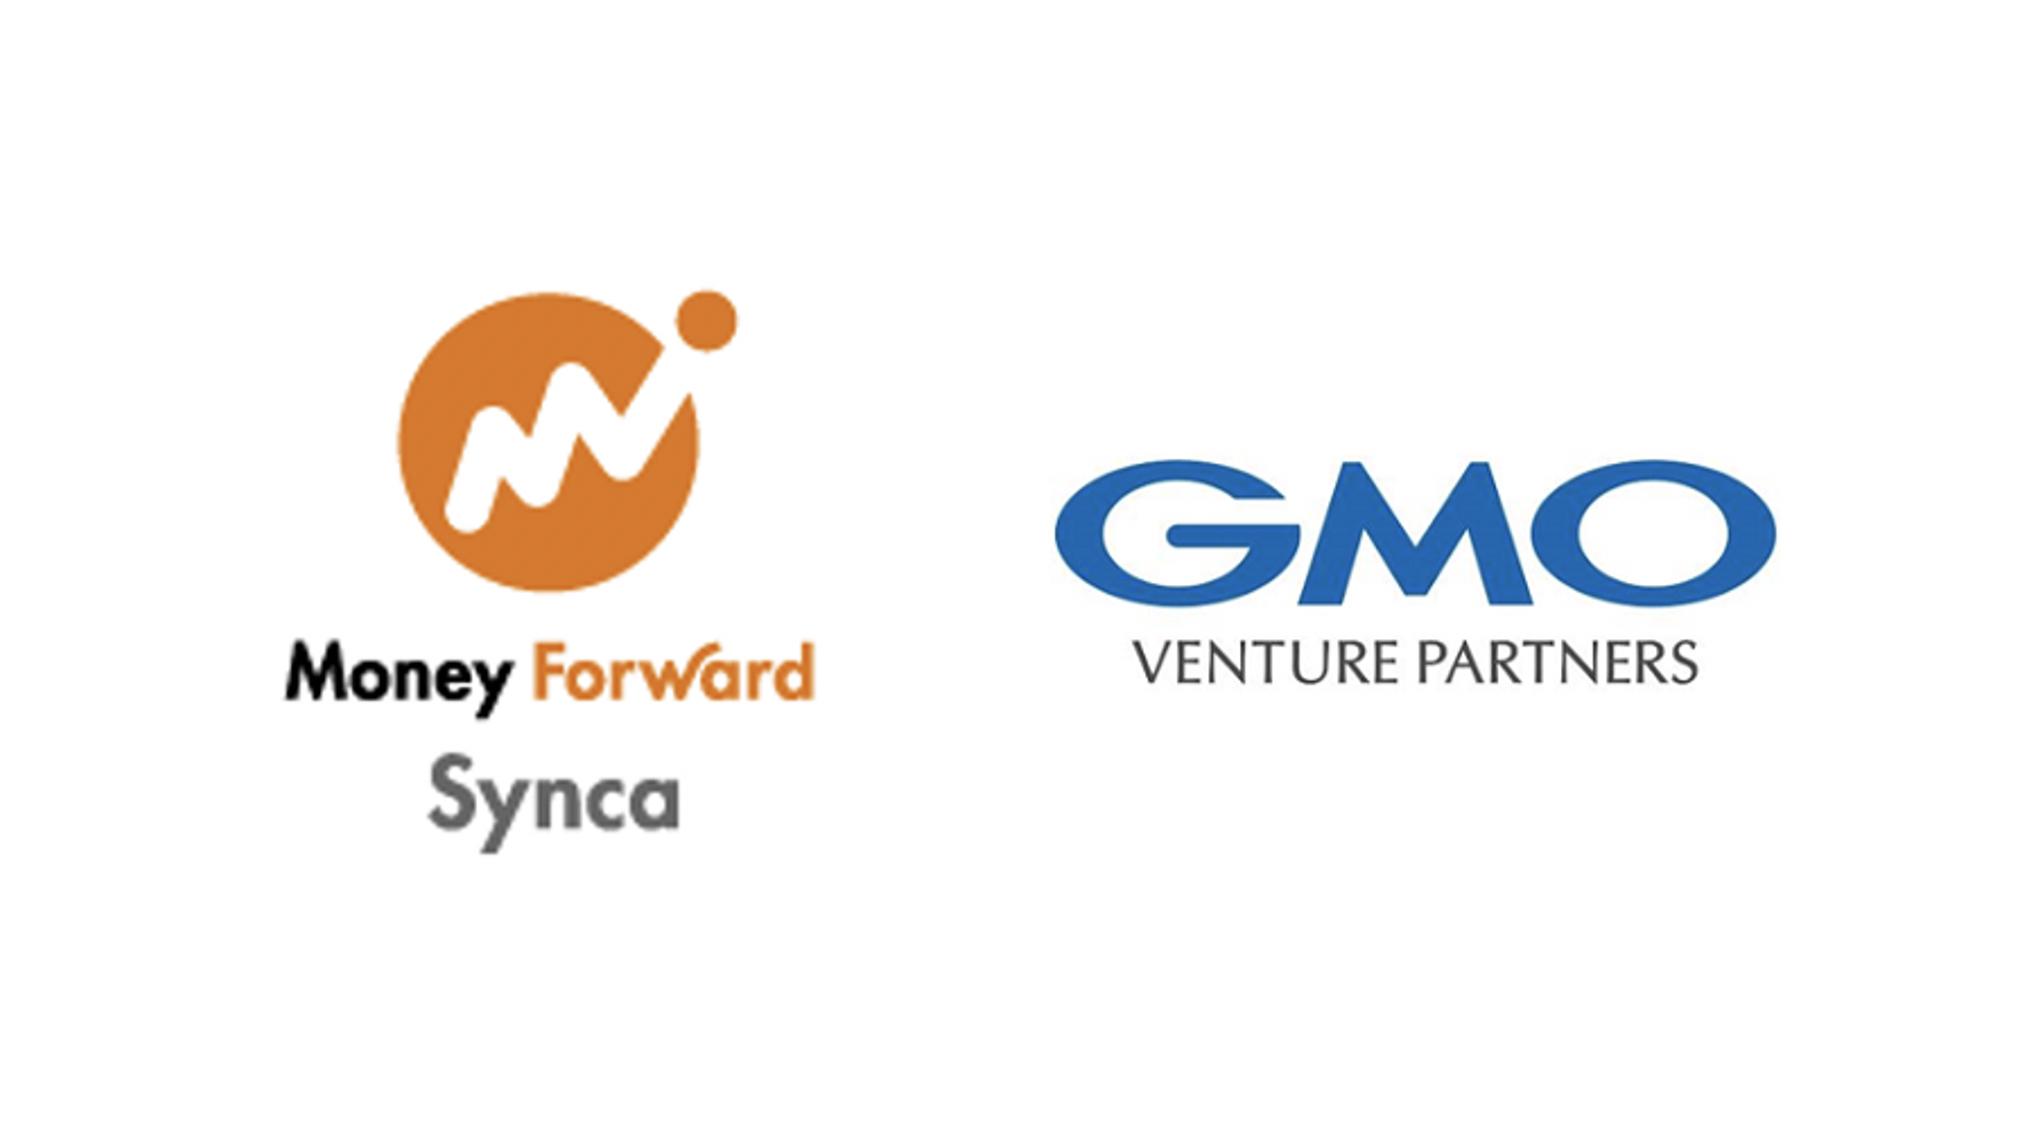 マネーフォワードシンカ×GMO VenturePartners | 「新型コロナ・リセッション対策プログラム」を開始